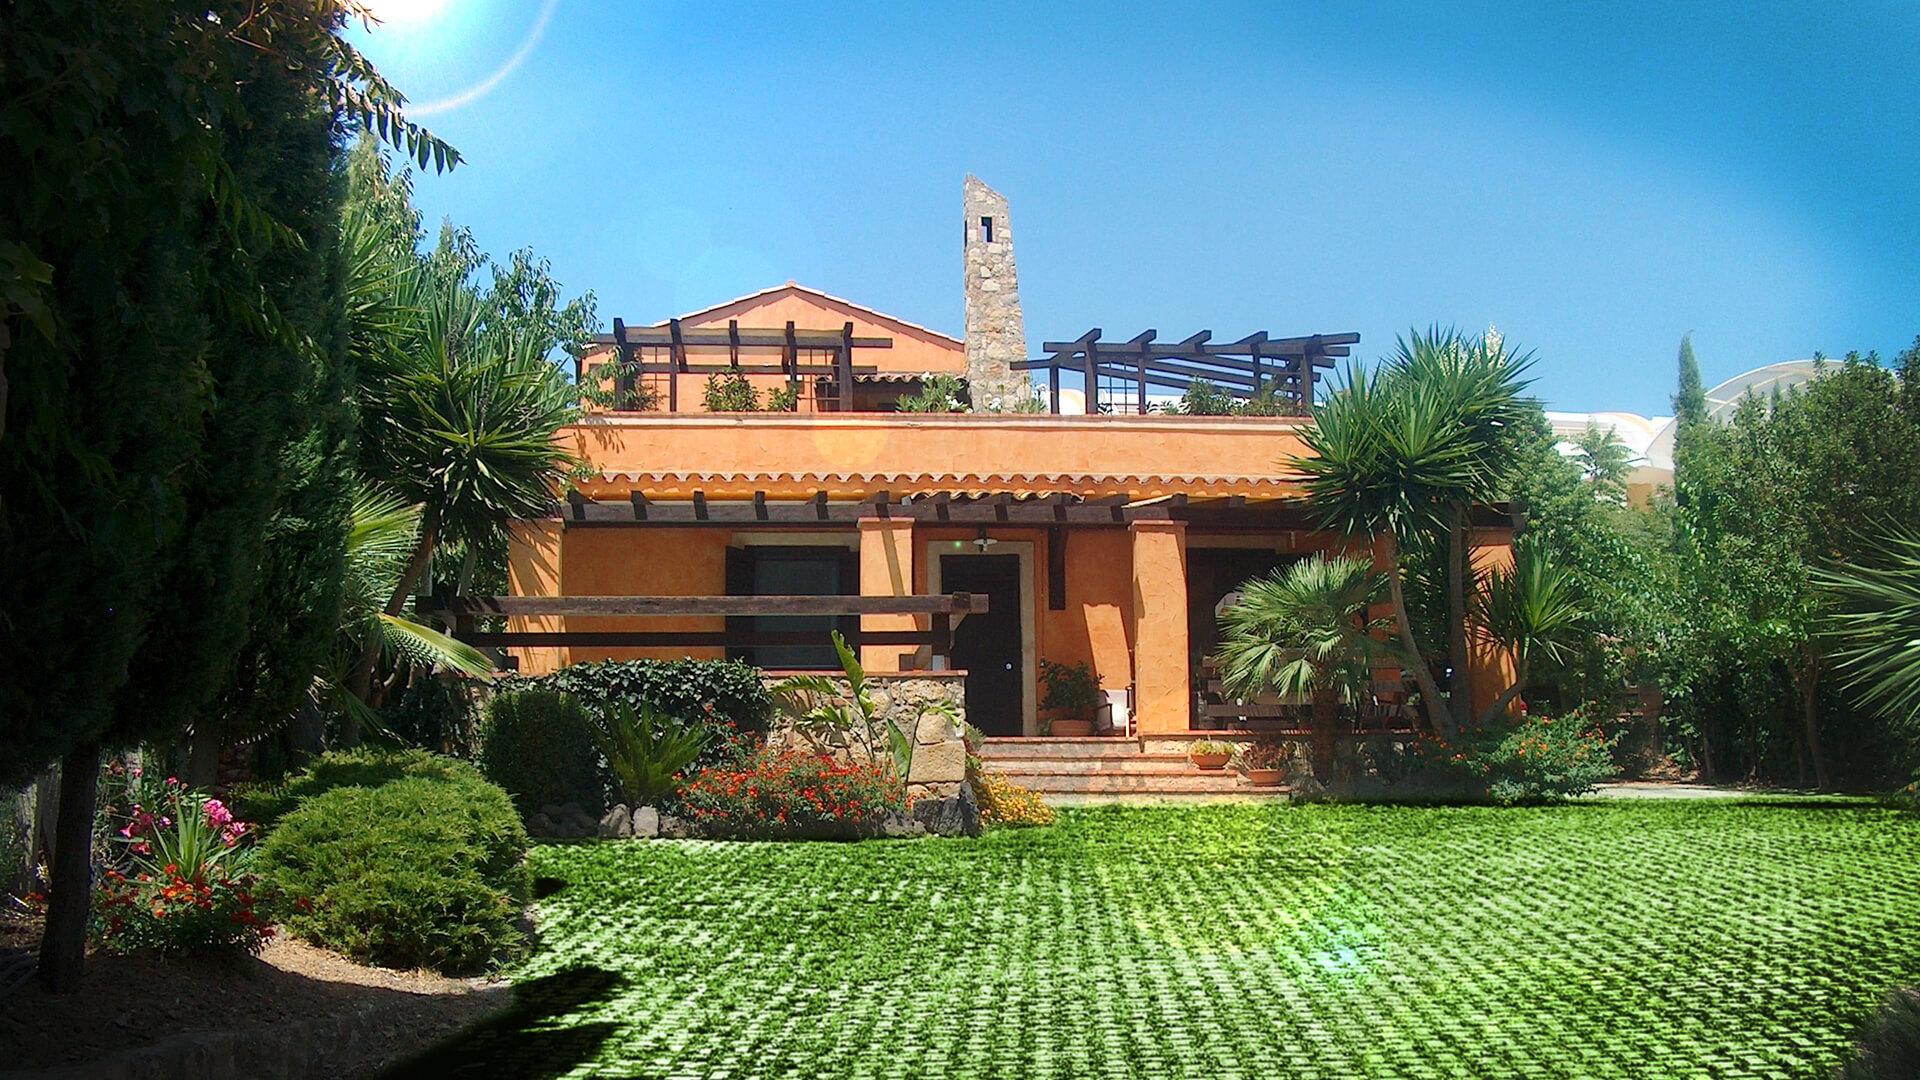 Progettazione Villetta in stile rustico Caltanissetta